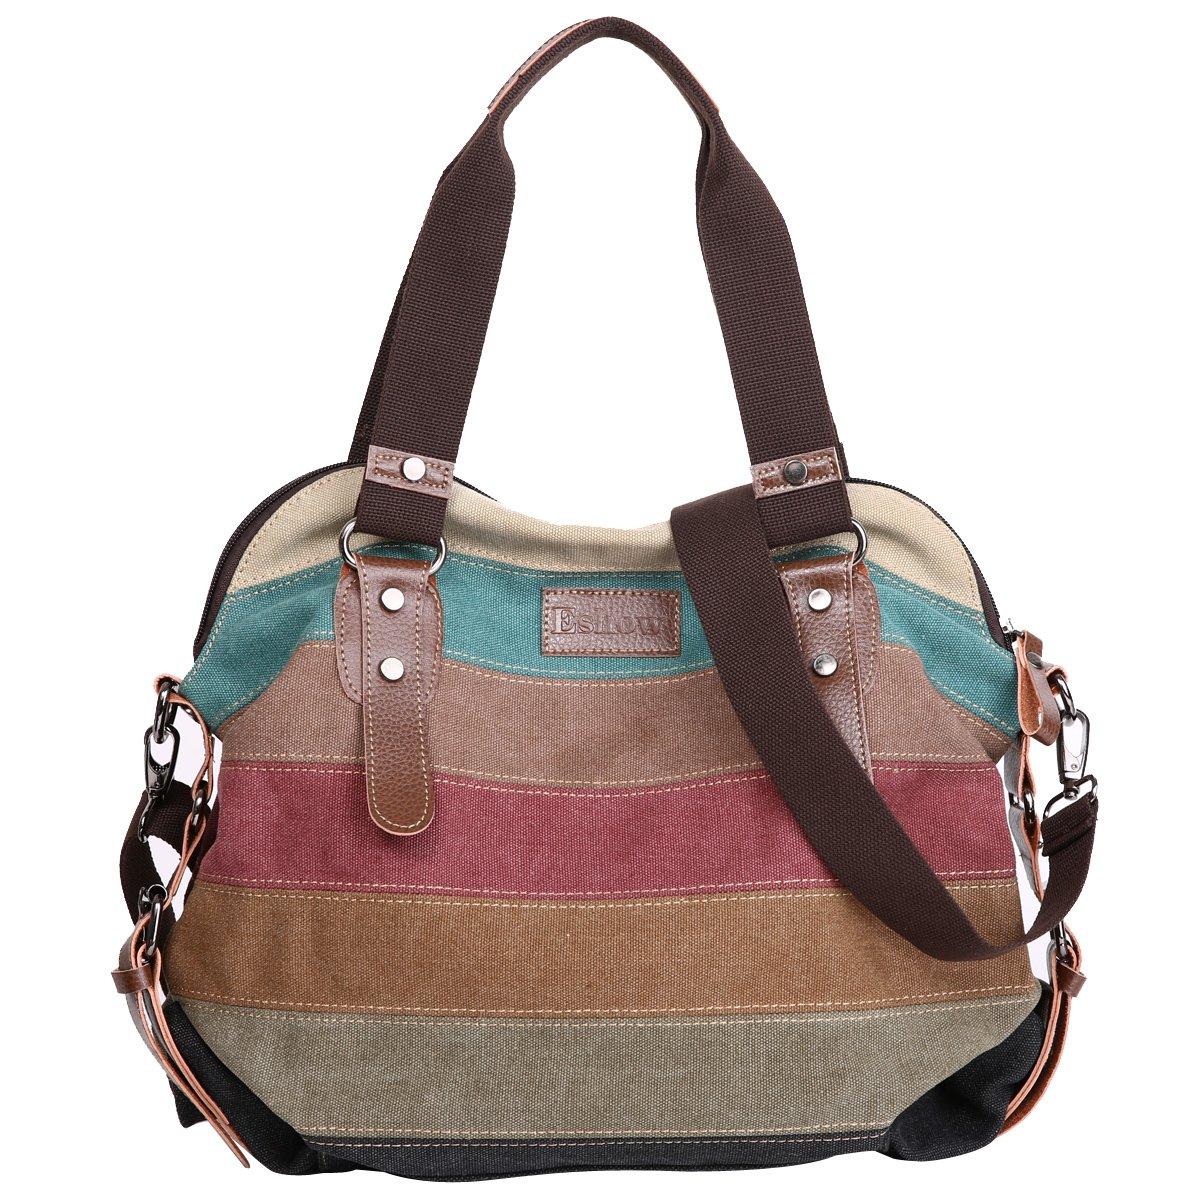 Eshow Women Canvas Shoulder Bag Hobo Handbags and Purse Cross-Body Bag Messenger Bag Travel mom bag for women